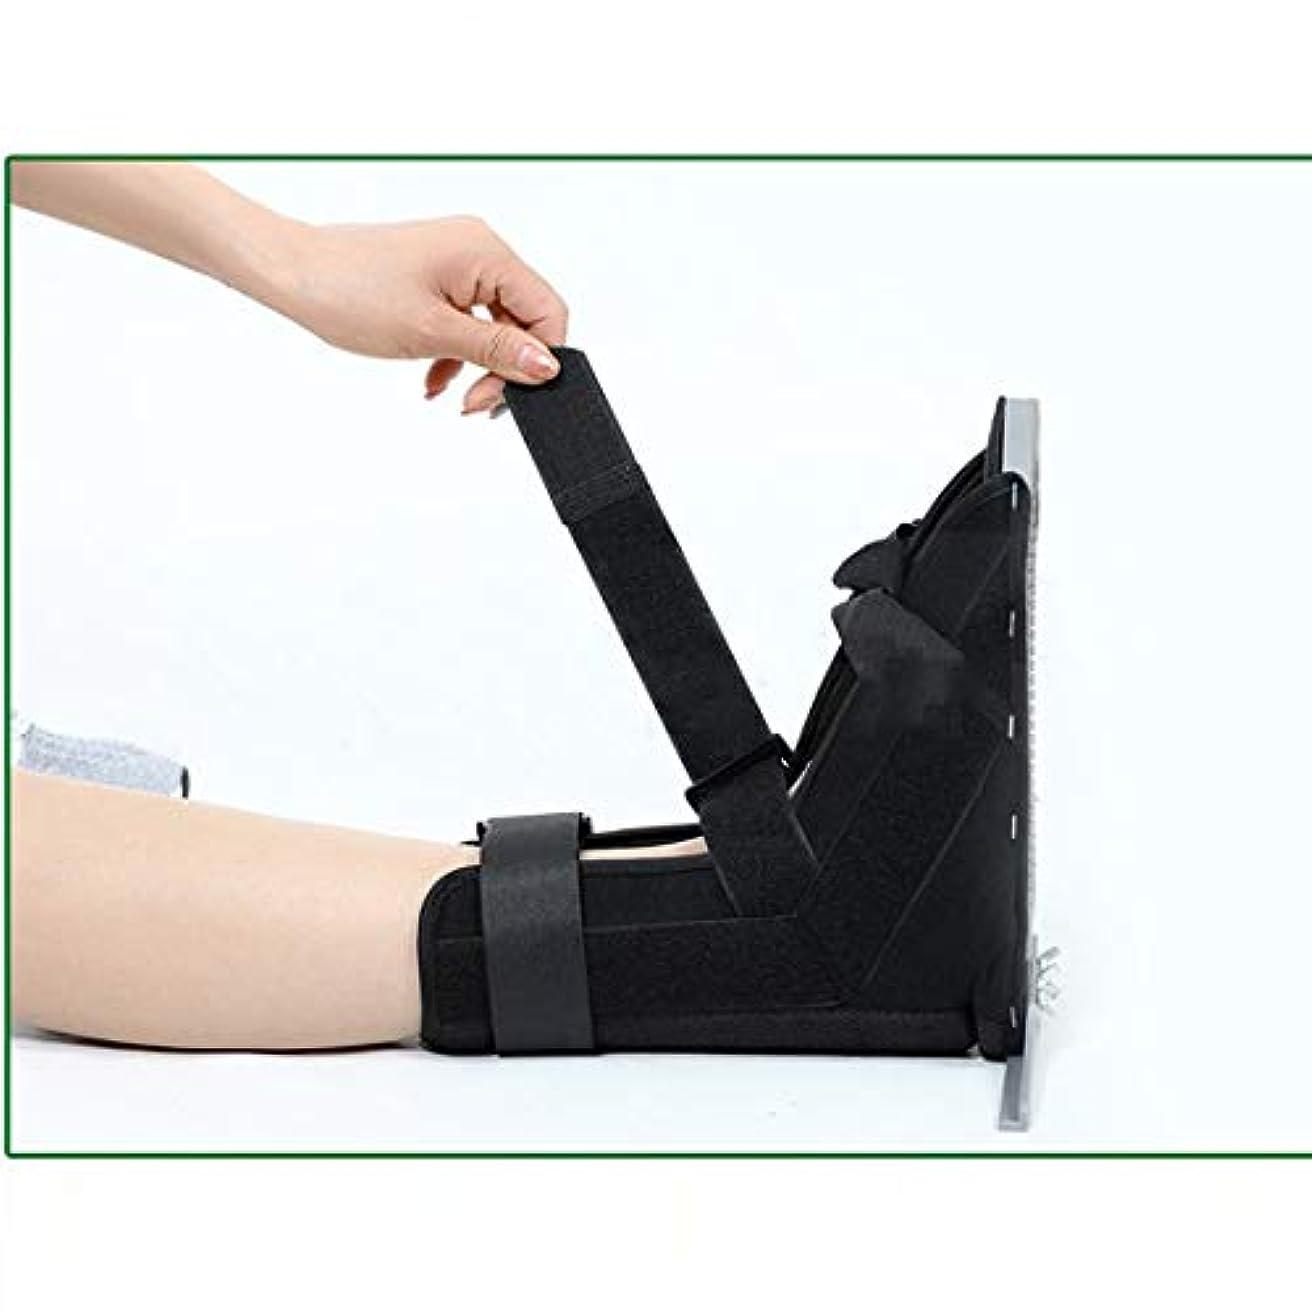 追い越すスナップ共和党医療足骨折石膏の回復靴の手術後のつま先の靴を安定化骨折の靴を調整可能なファスナーで完全なカバー,L